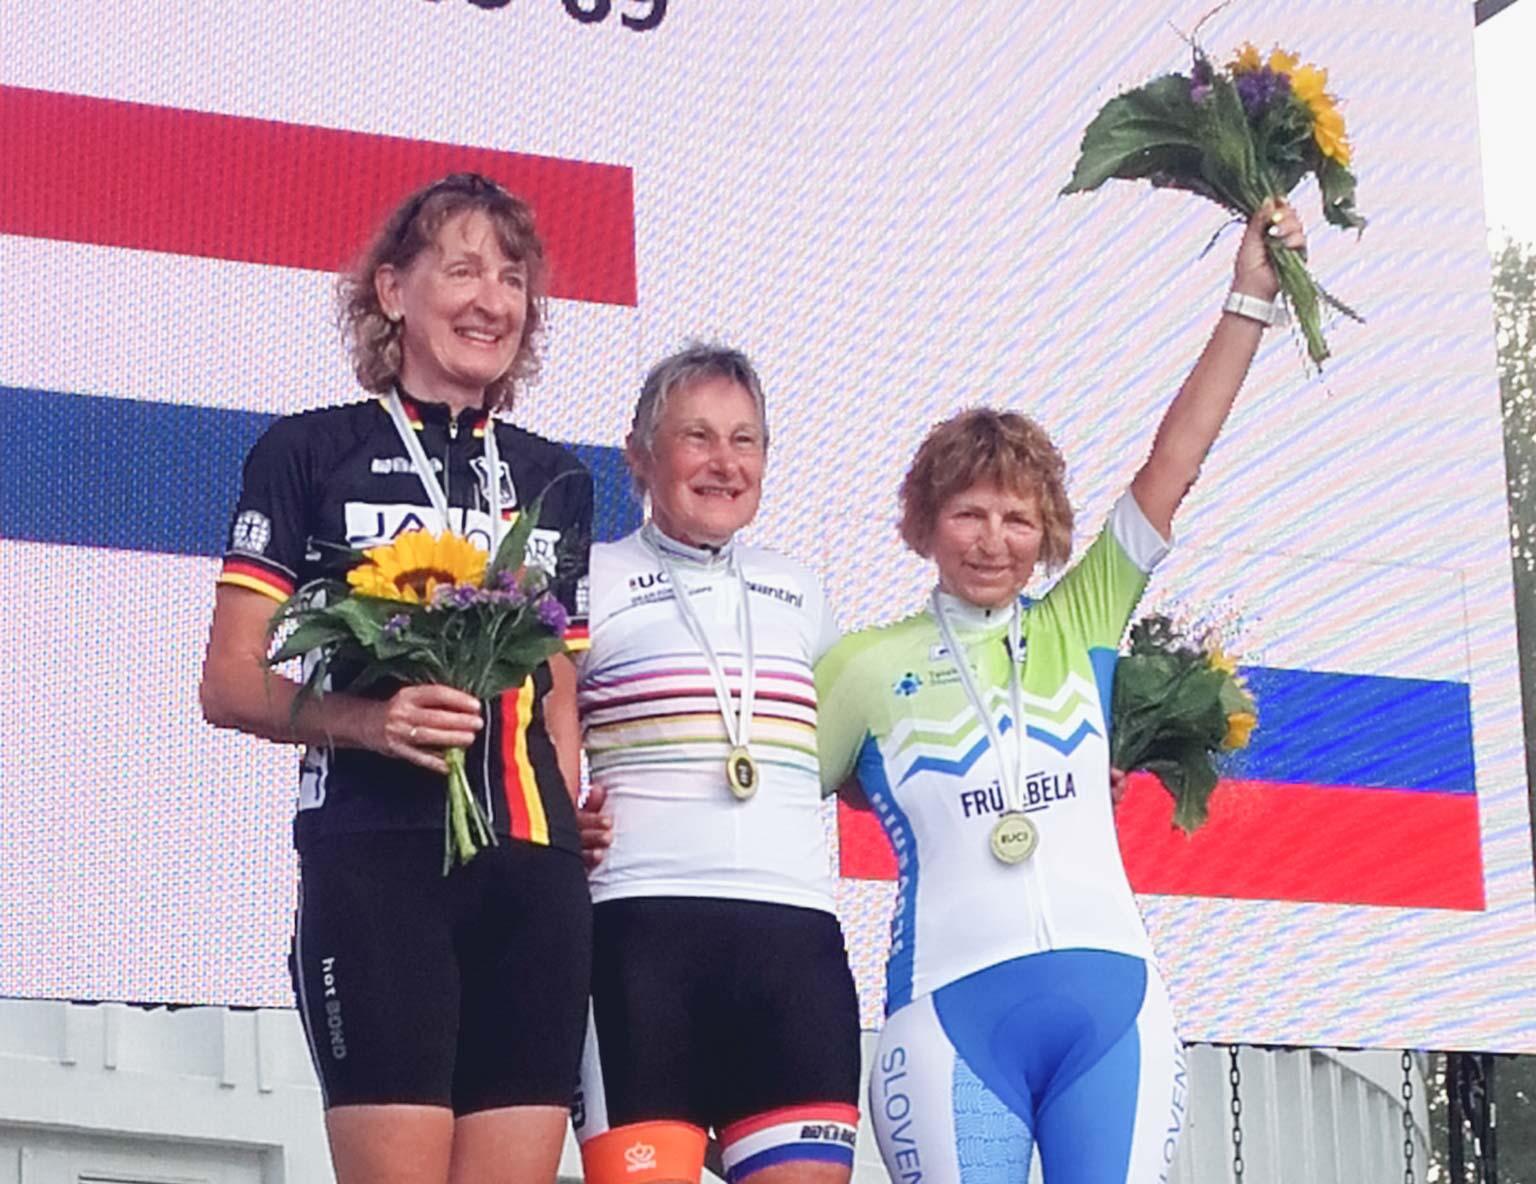 Tina Ušeničnik